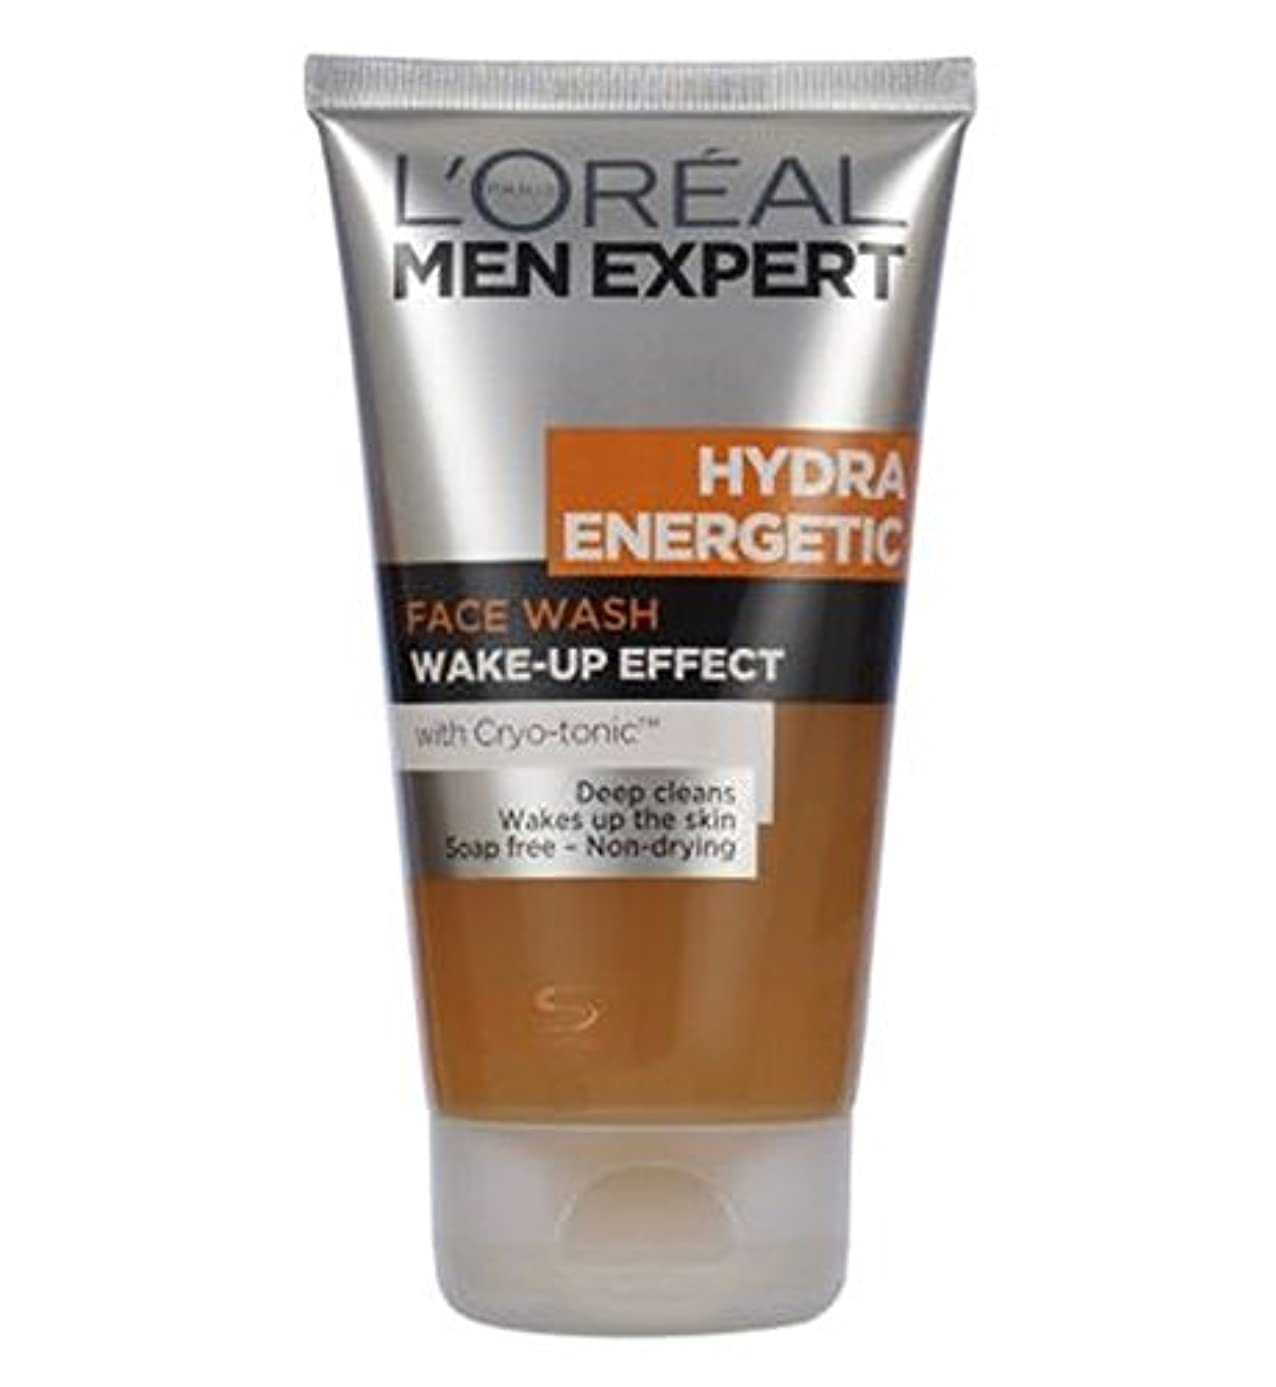 リングバック静める知性L'Oreal Men Expert Hydra Energetic Face Wash 150ml - ロレアルの男性の専門家ヒドラエネルギッシュな洗顔150ミリリットル (L'Oreal) [並行輸入品]